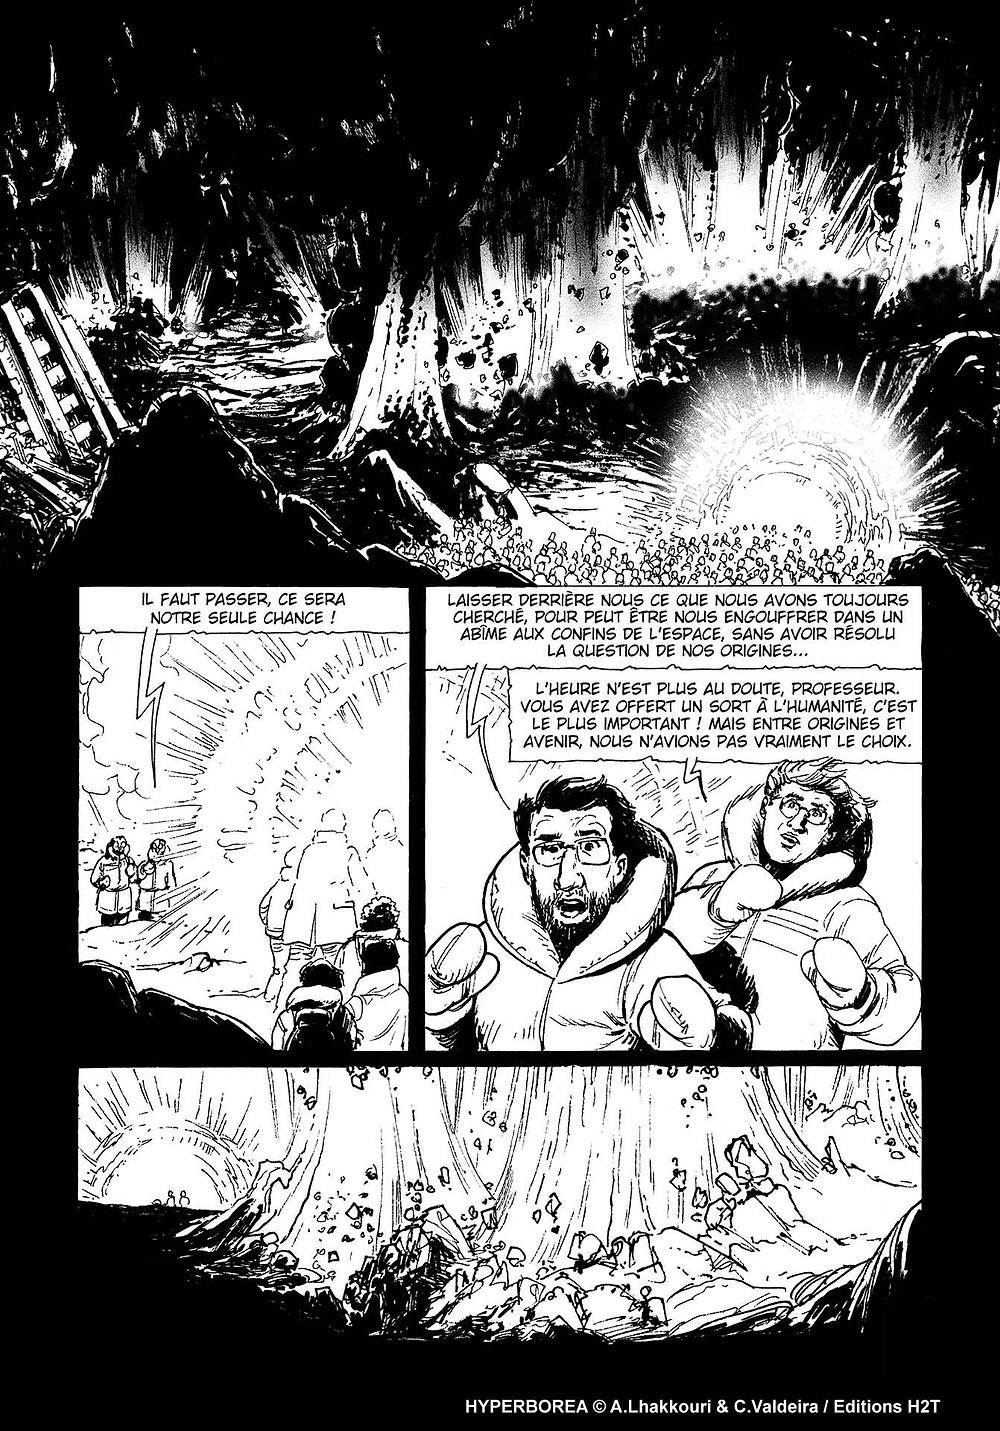 HYPERBOREA - dernier chapitre disponible sur weeklycomics.fr